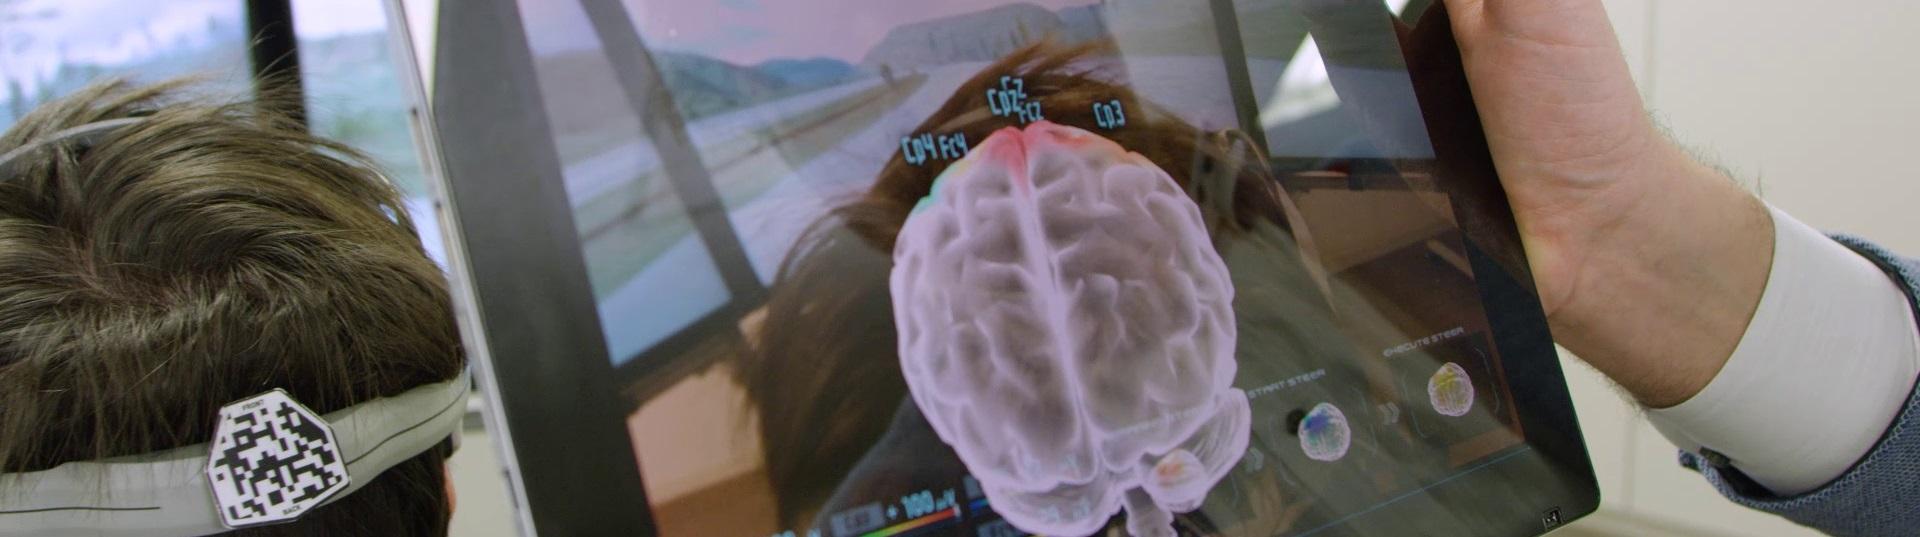 brain to_vehicle_1920